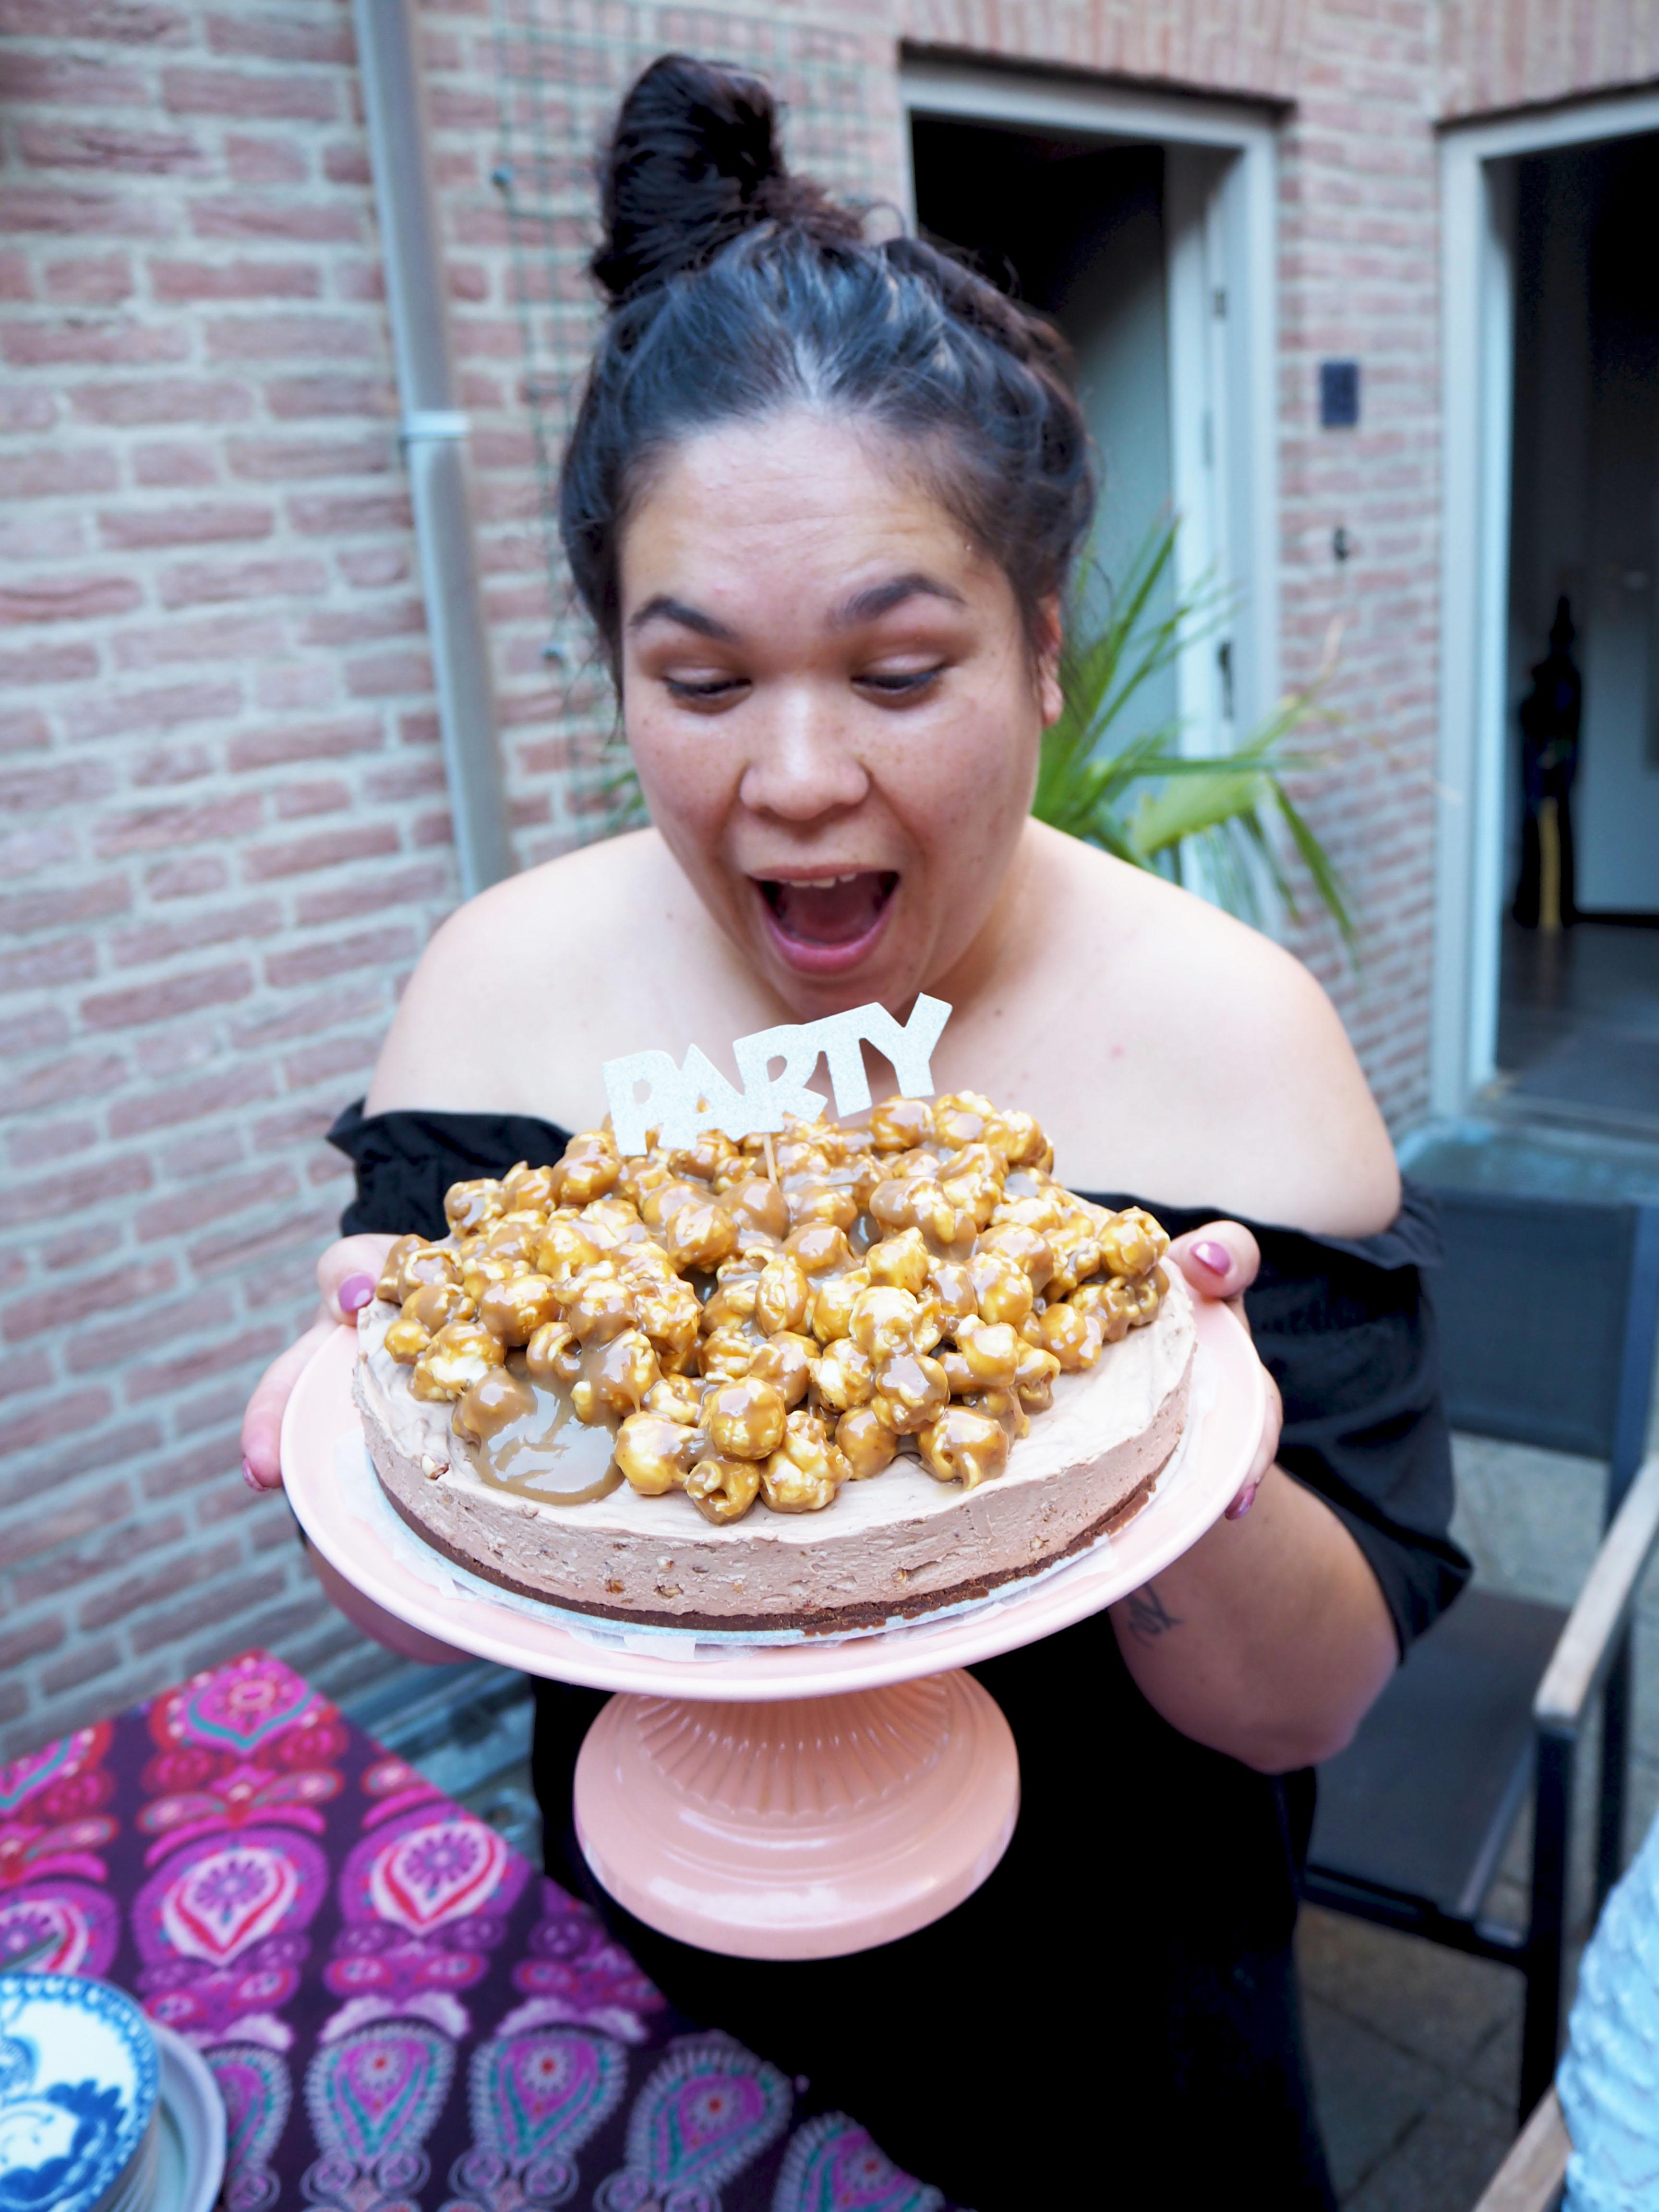 kuukskes verjaardagstaart karamel popcorn